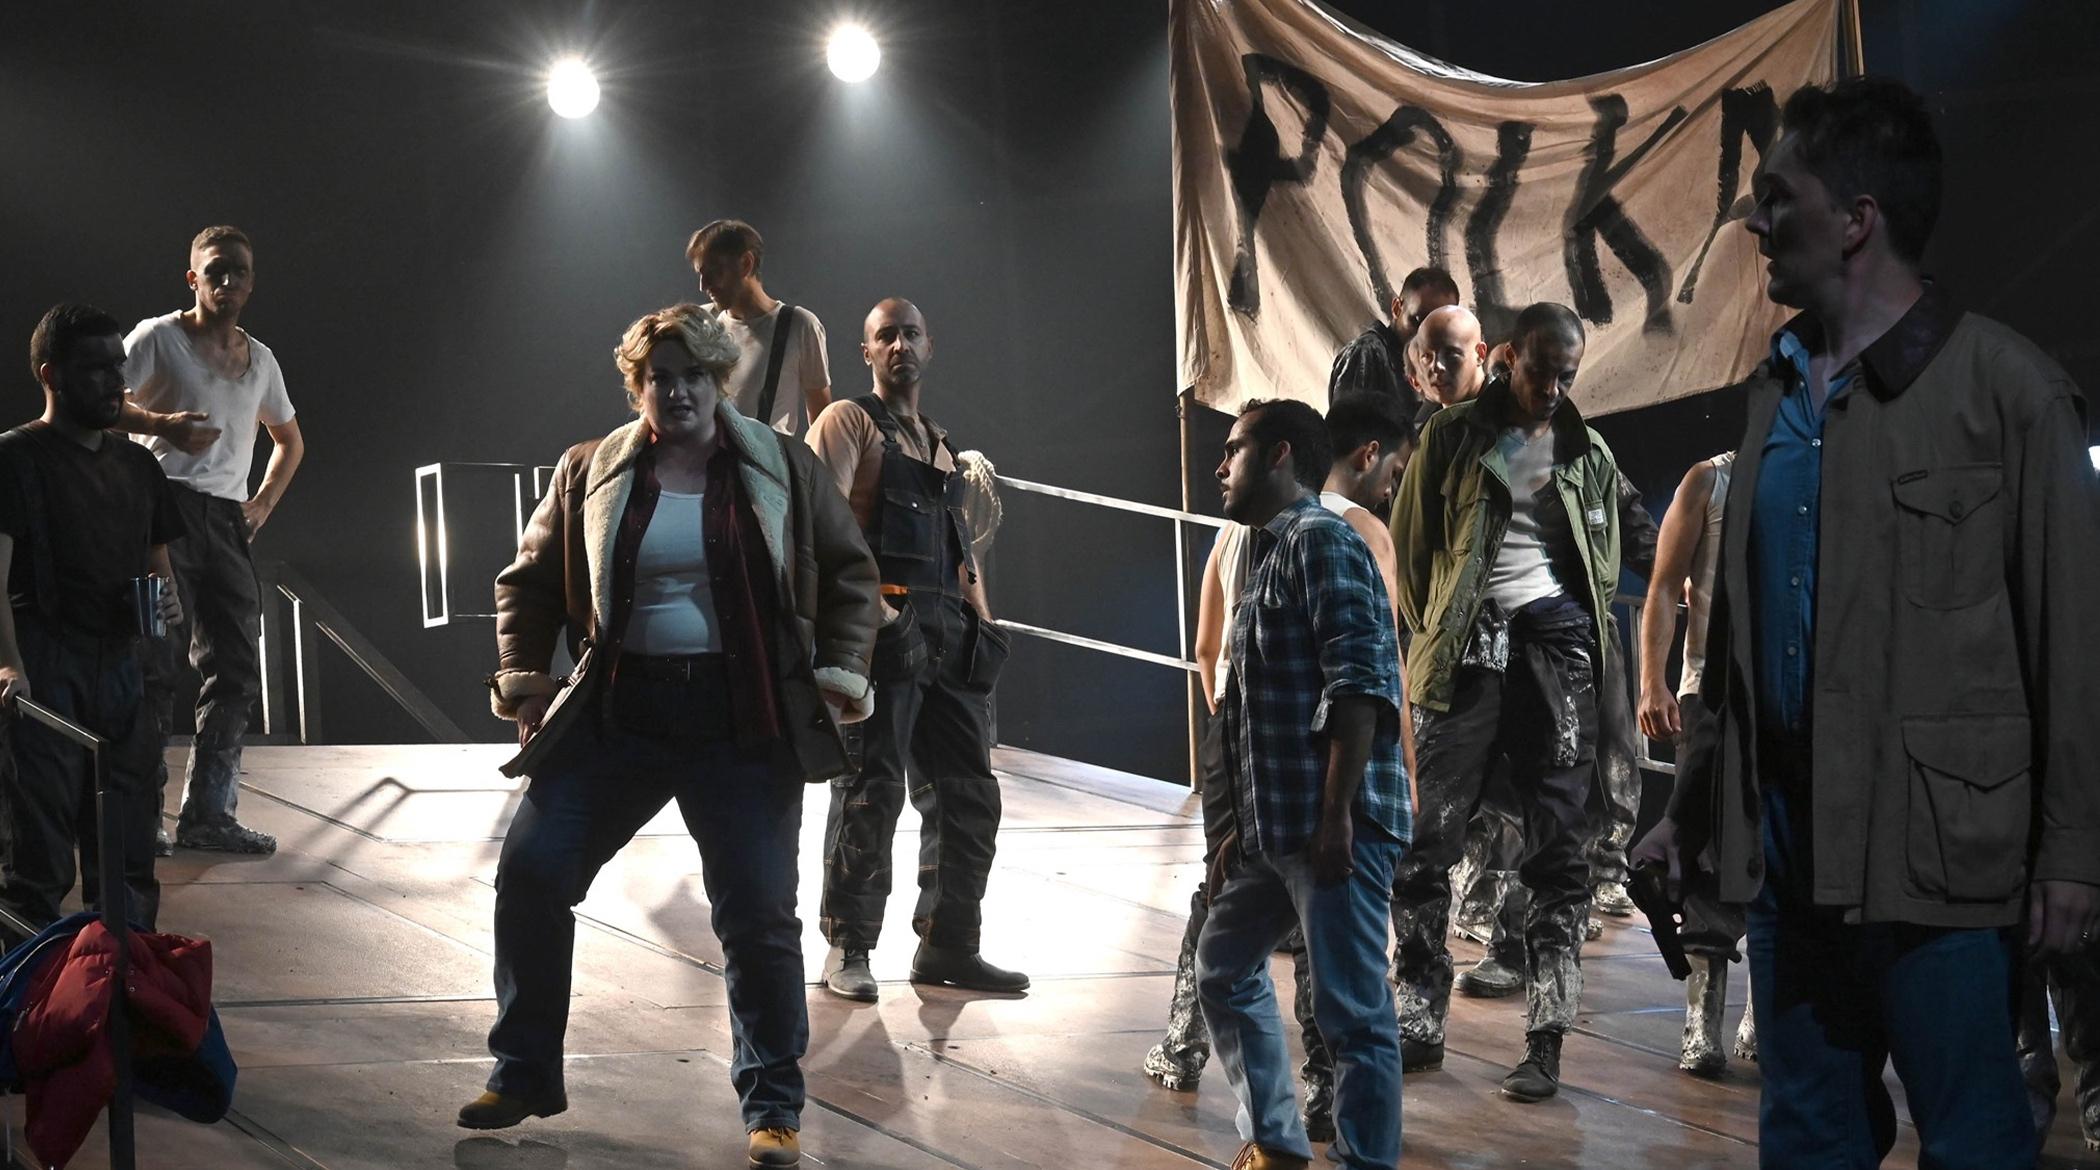 Fanciulla del west; Teatro Grande; Brescia; Andrea Cigni; OperaLombardia; Rebeka Lokar; Umbert Favretto; Devid Cecconi